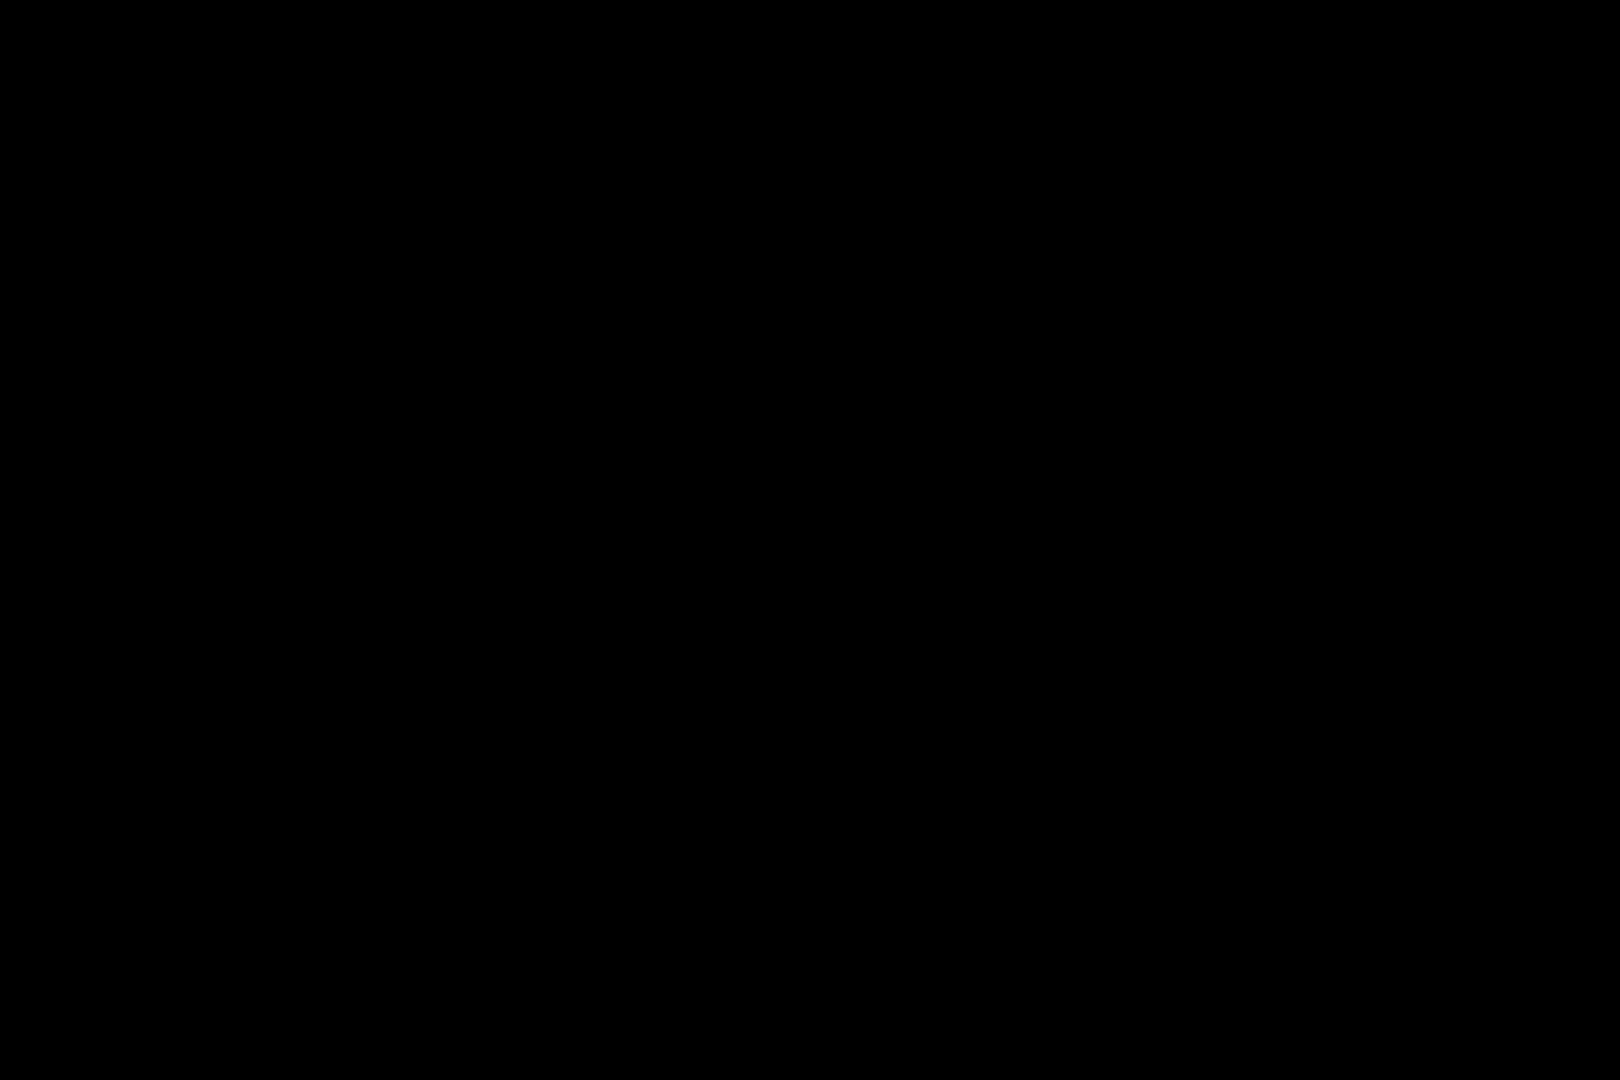 充血監督の深夜の運動会Vol.126 車中はめどり 盗撮動画紹介 107画像 16